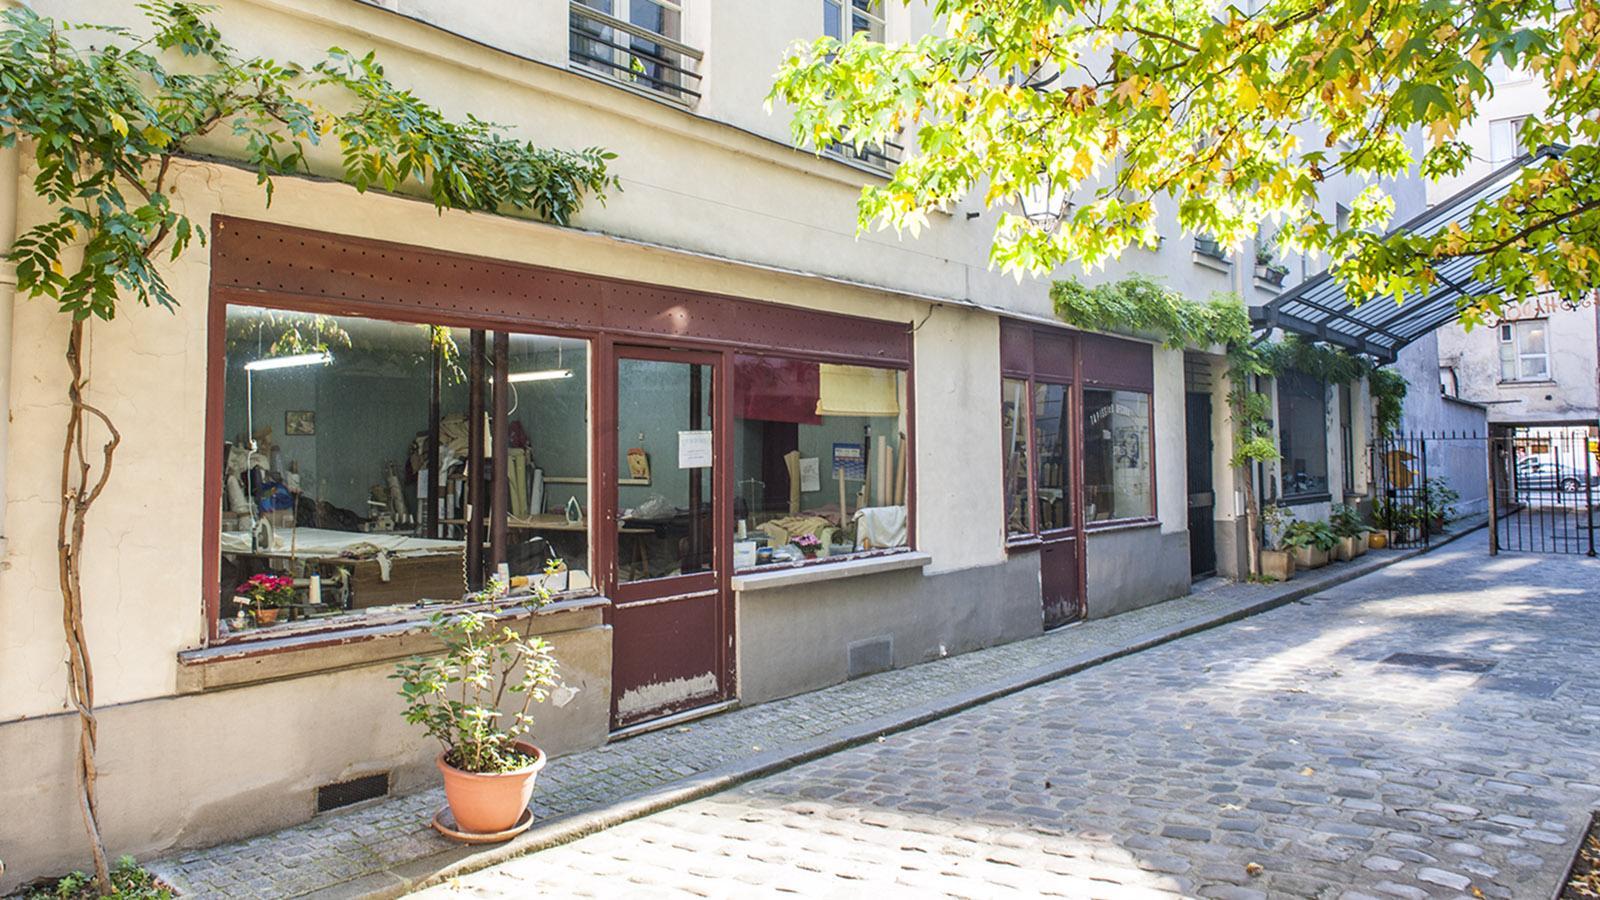 Ein Handwerkerhof der Faubourg Saint-Antoine. Foto: Hilke Maunder